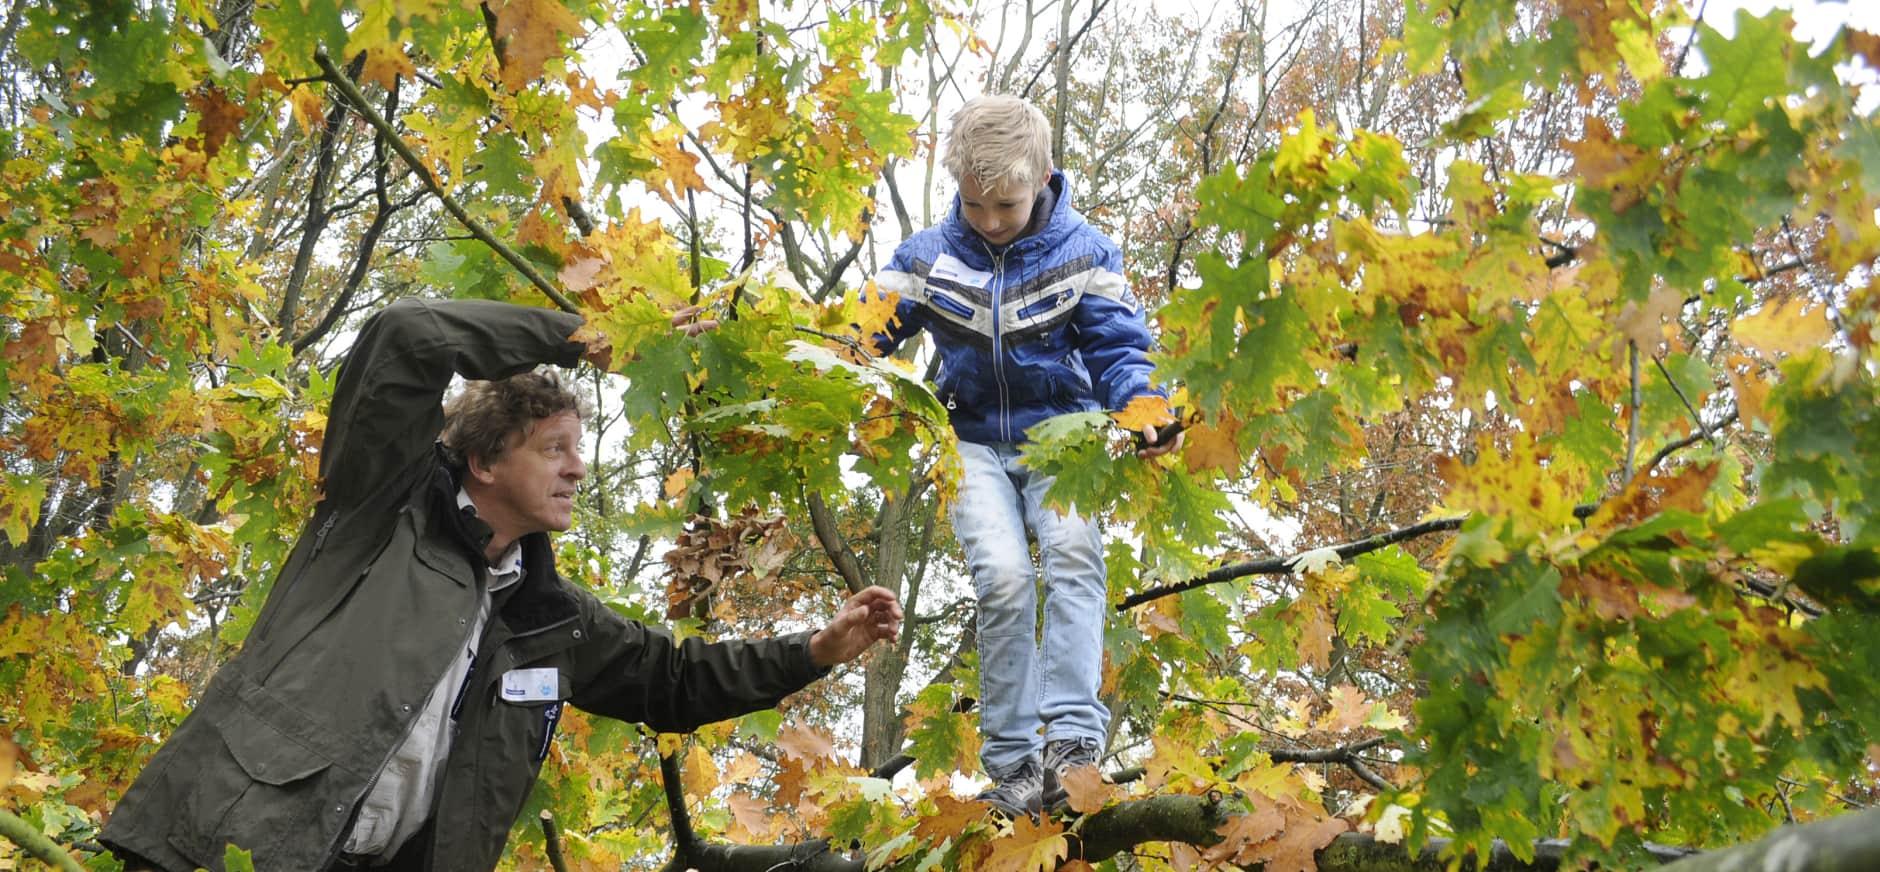 vrijwilliger natuurbeheer